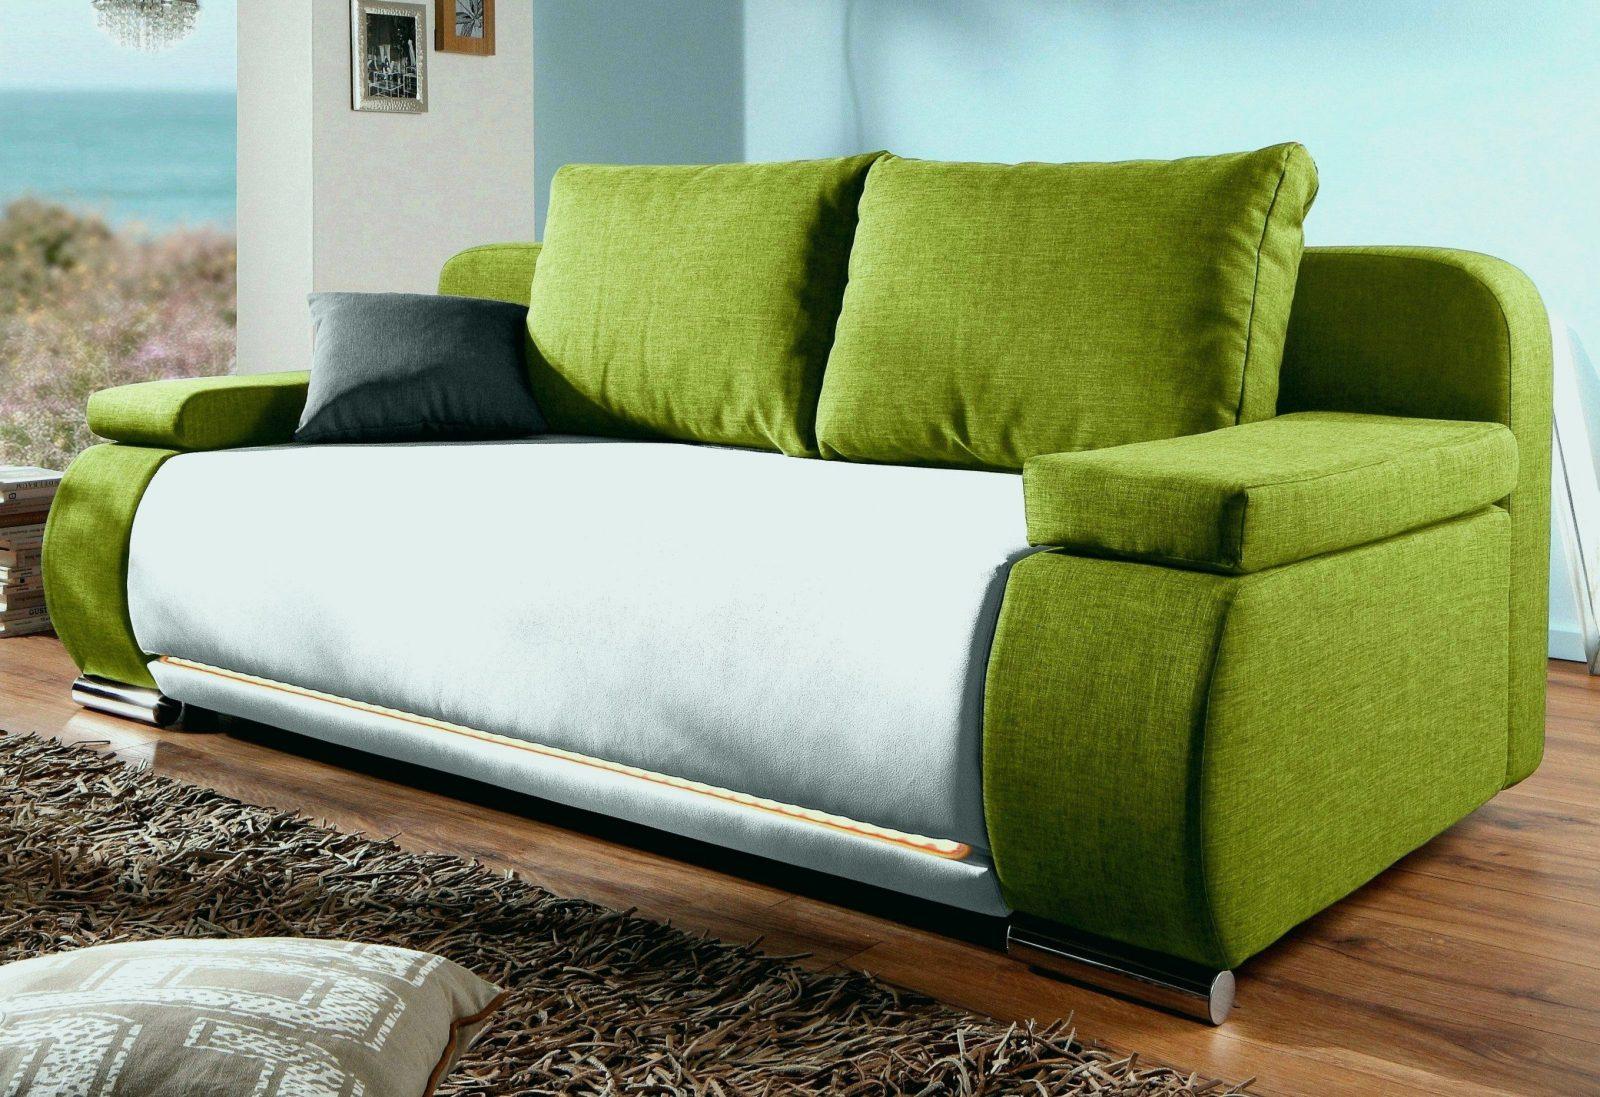 otto versand couch luxury inspirational otto schiebegardinen stuhl